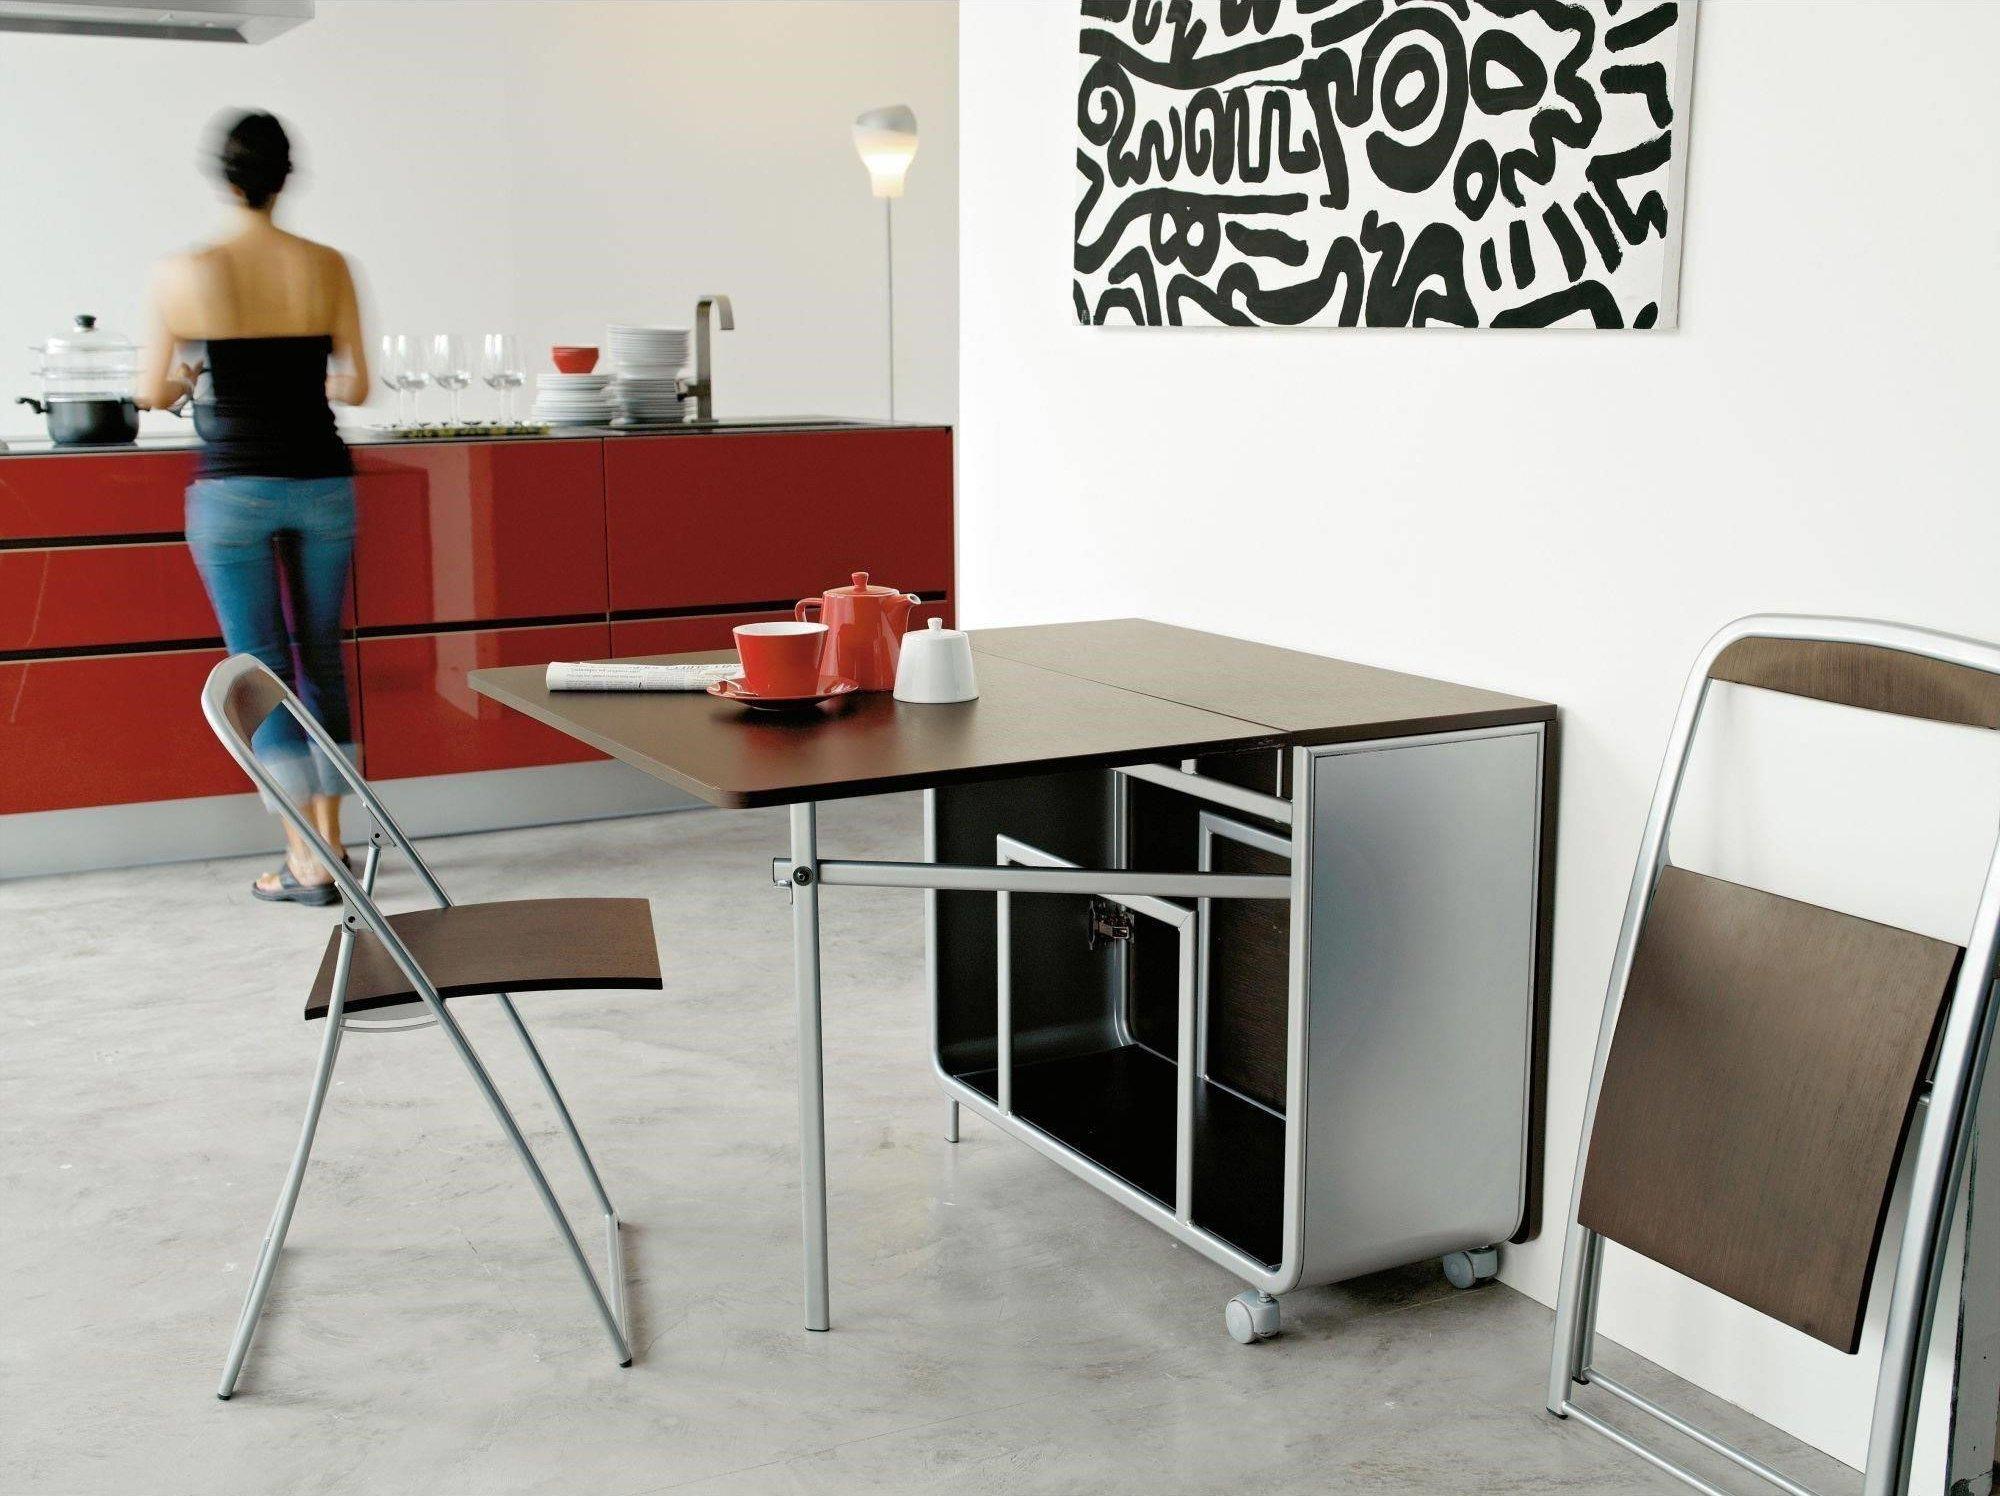 Full Size of Küche Esstisch Unique Fotos Designermöbel Gartentisch ? Klapptisch Ideen Küche Klapptisch Küche